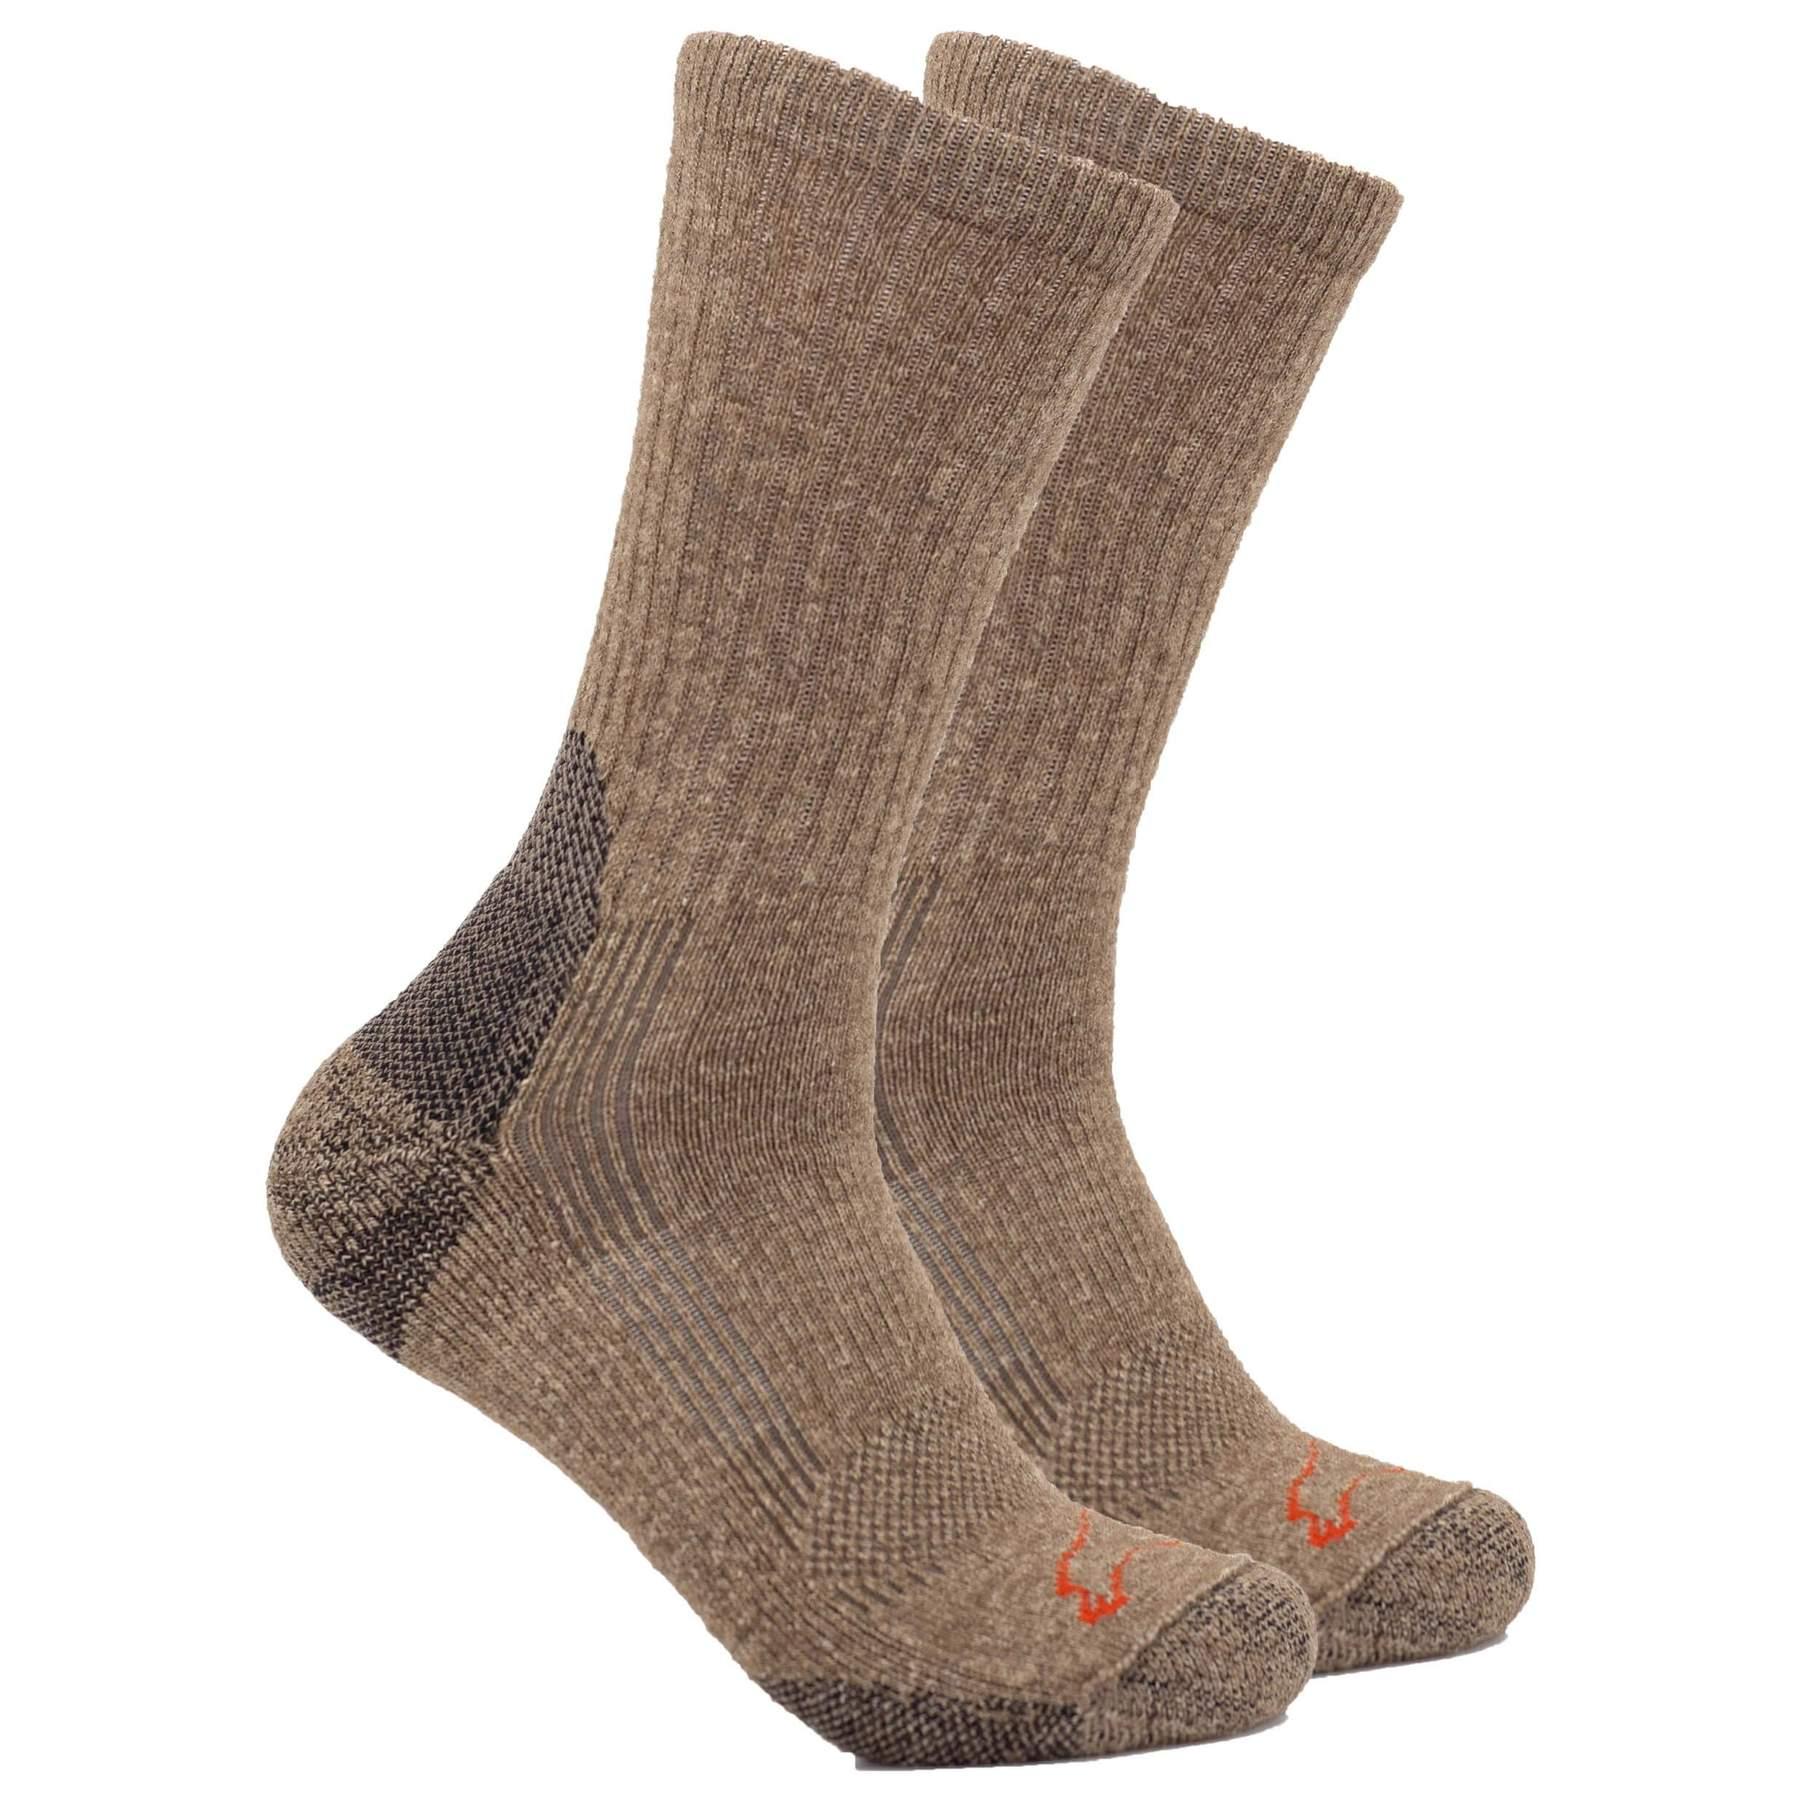 pro-gear crew sock